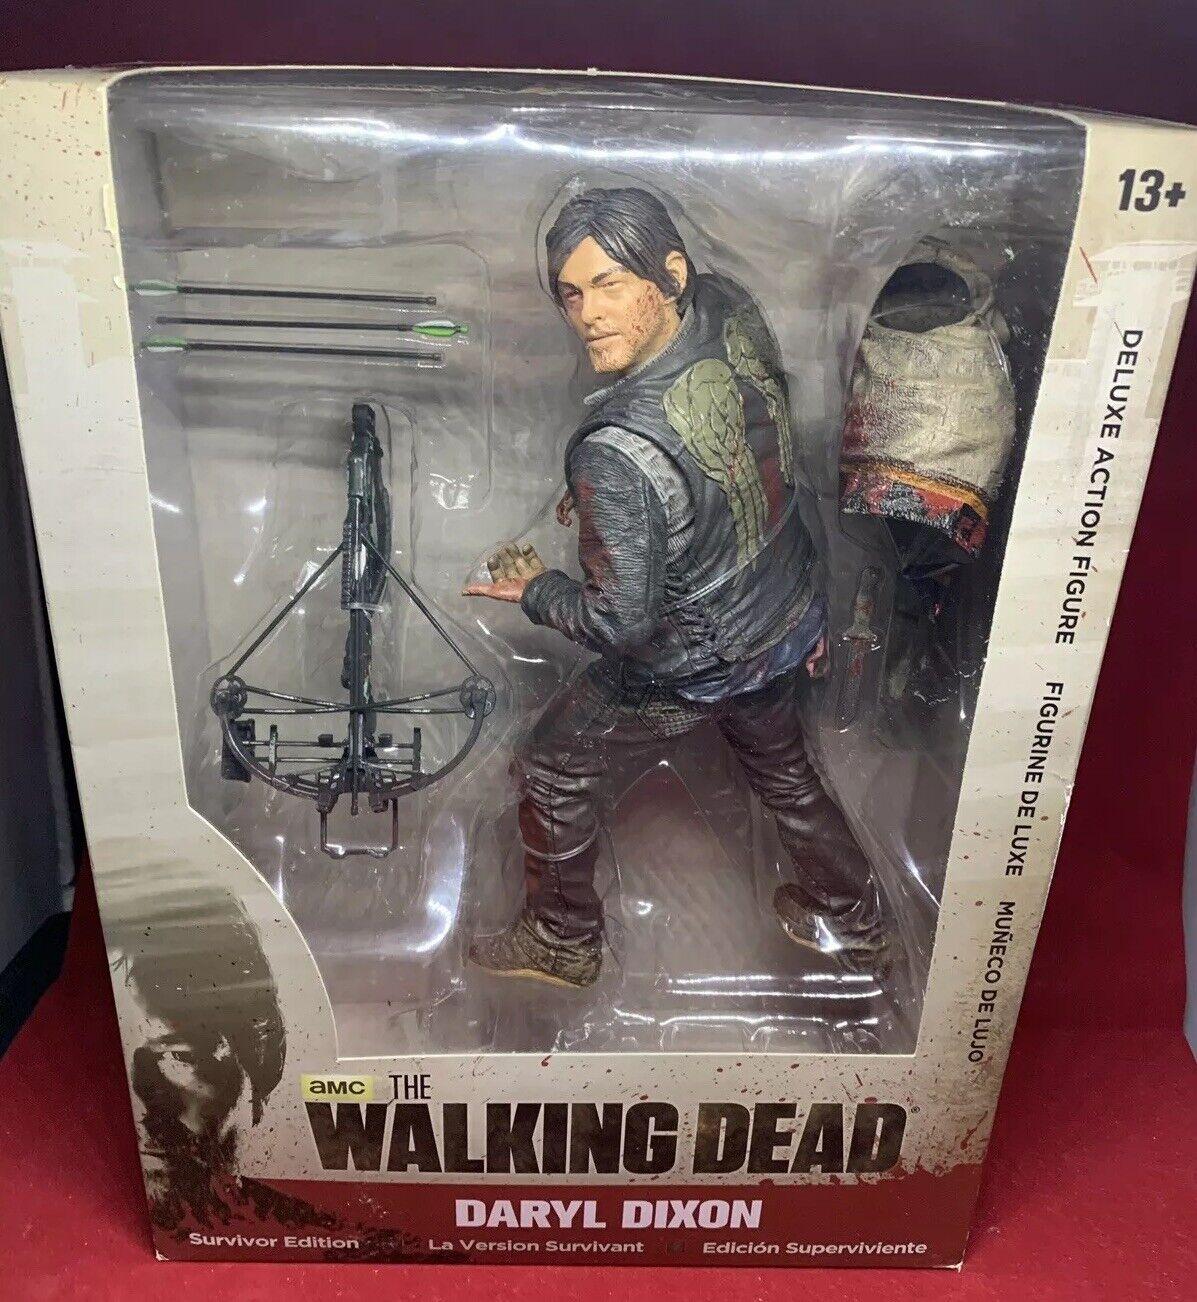 en marchant Dead Daryl Dixon Survivor  Series 10 pouces Deluxe Action Figure-NEUF  promotions discount